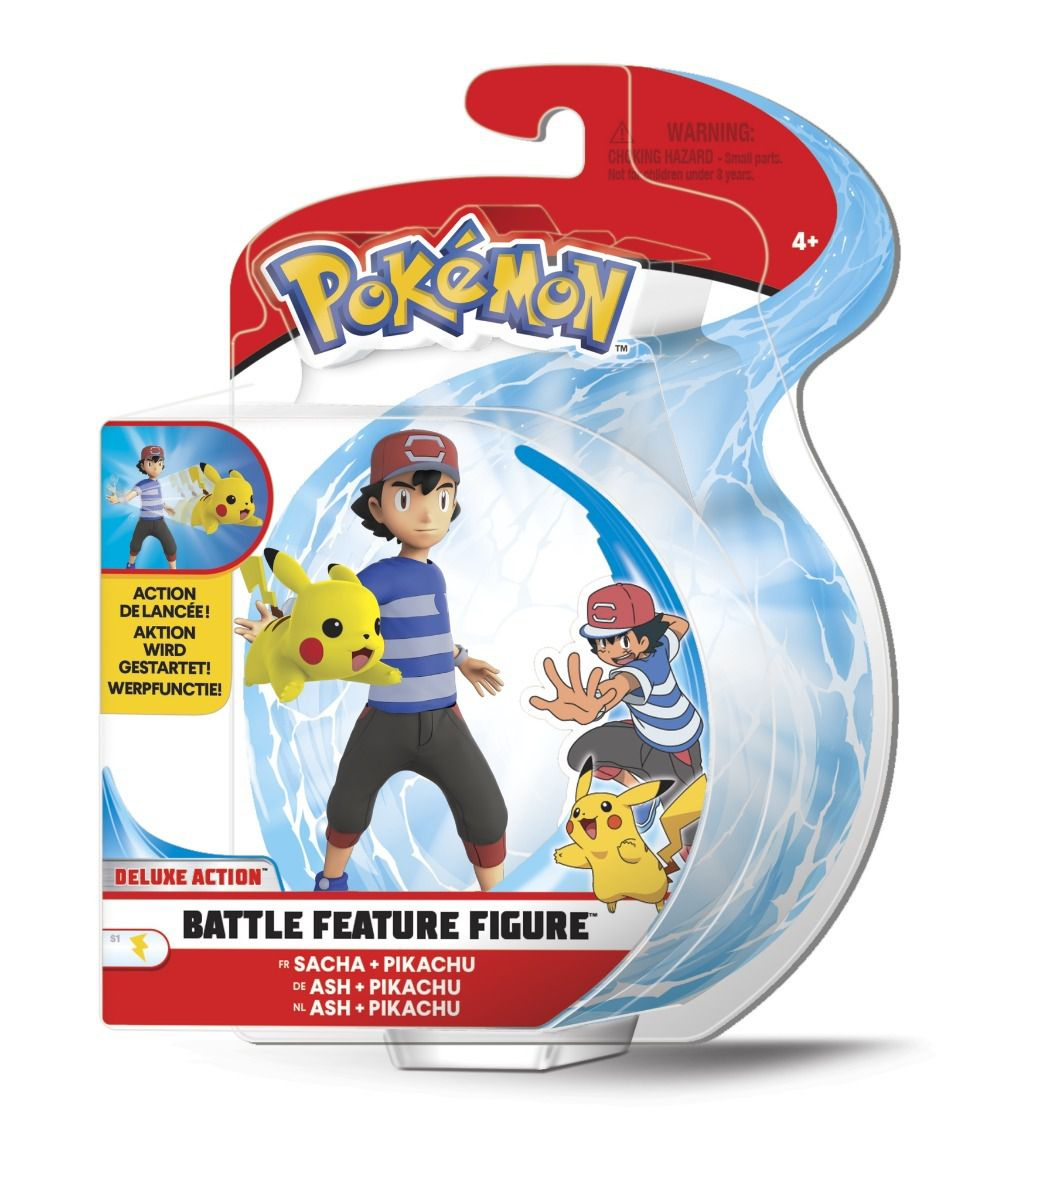 Pokémon Boneco De Batalha Arremessa 11cm Ash E Pikachu DTC  - Doce Diversão